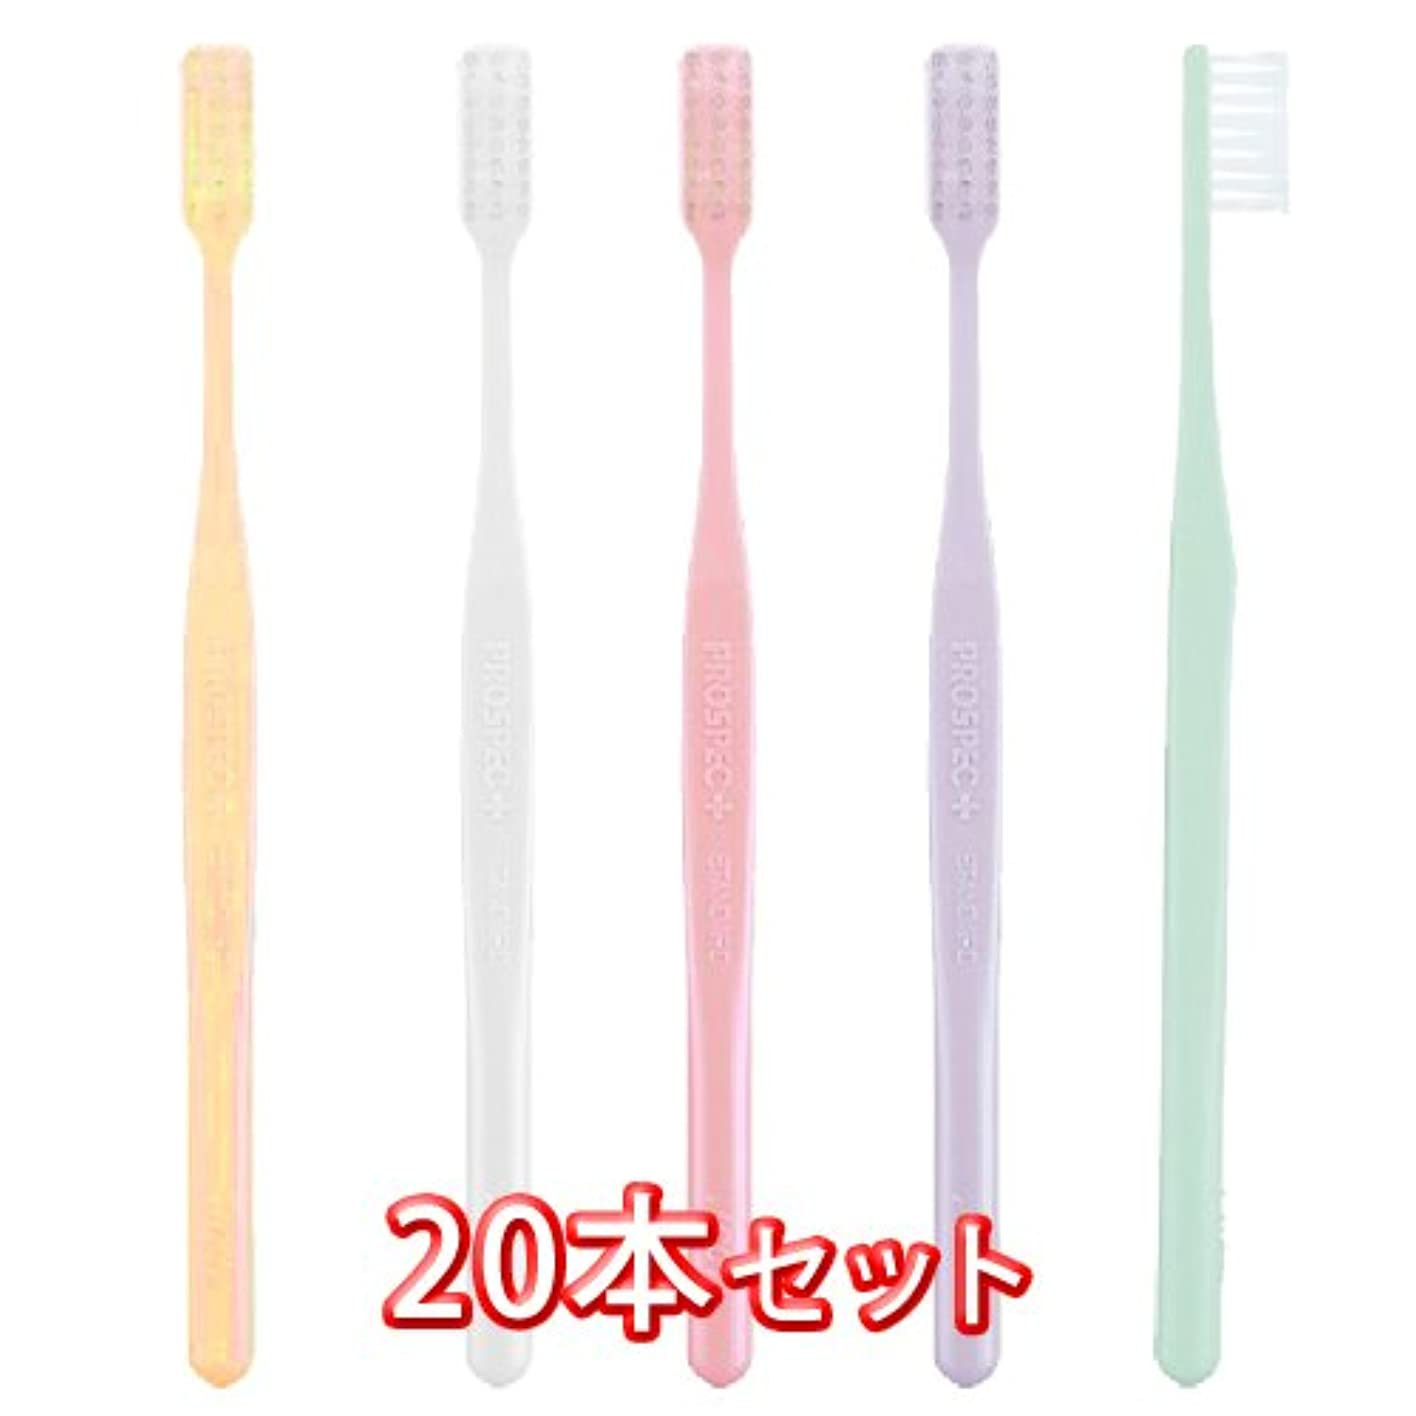 前売維持あいまいなプロスペック 歯ブラシ プラススタンダード 20本入 S やわらかめ